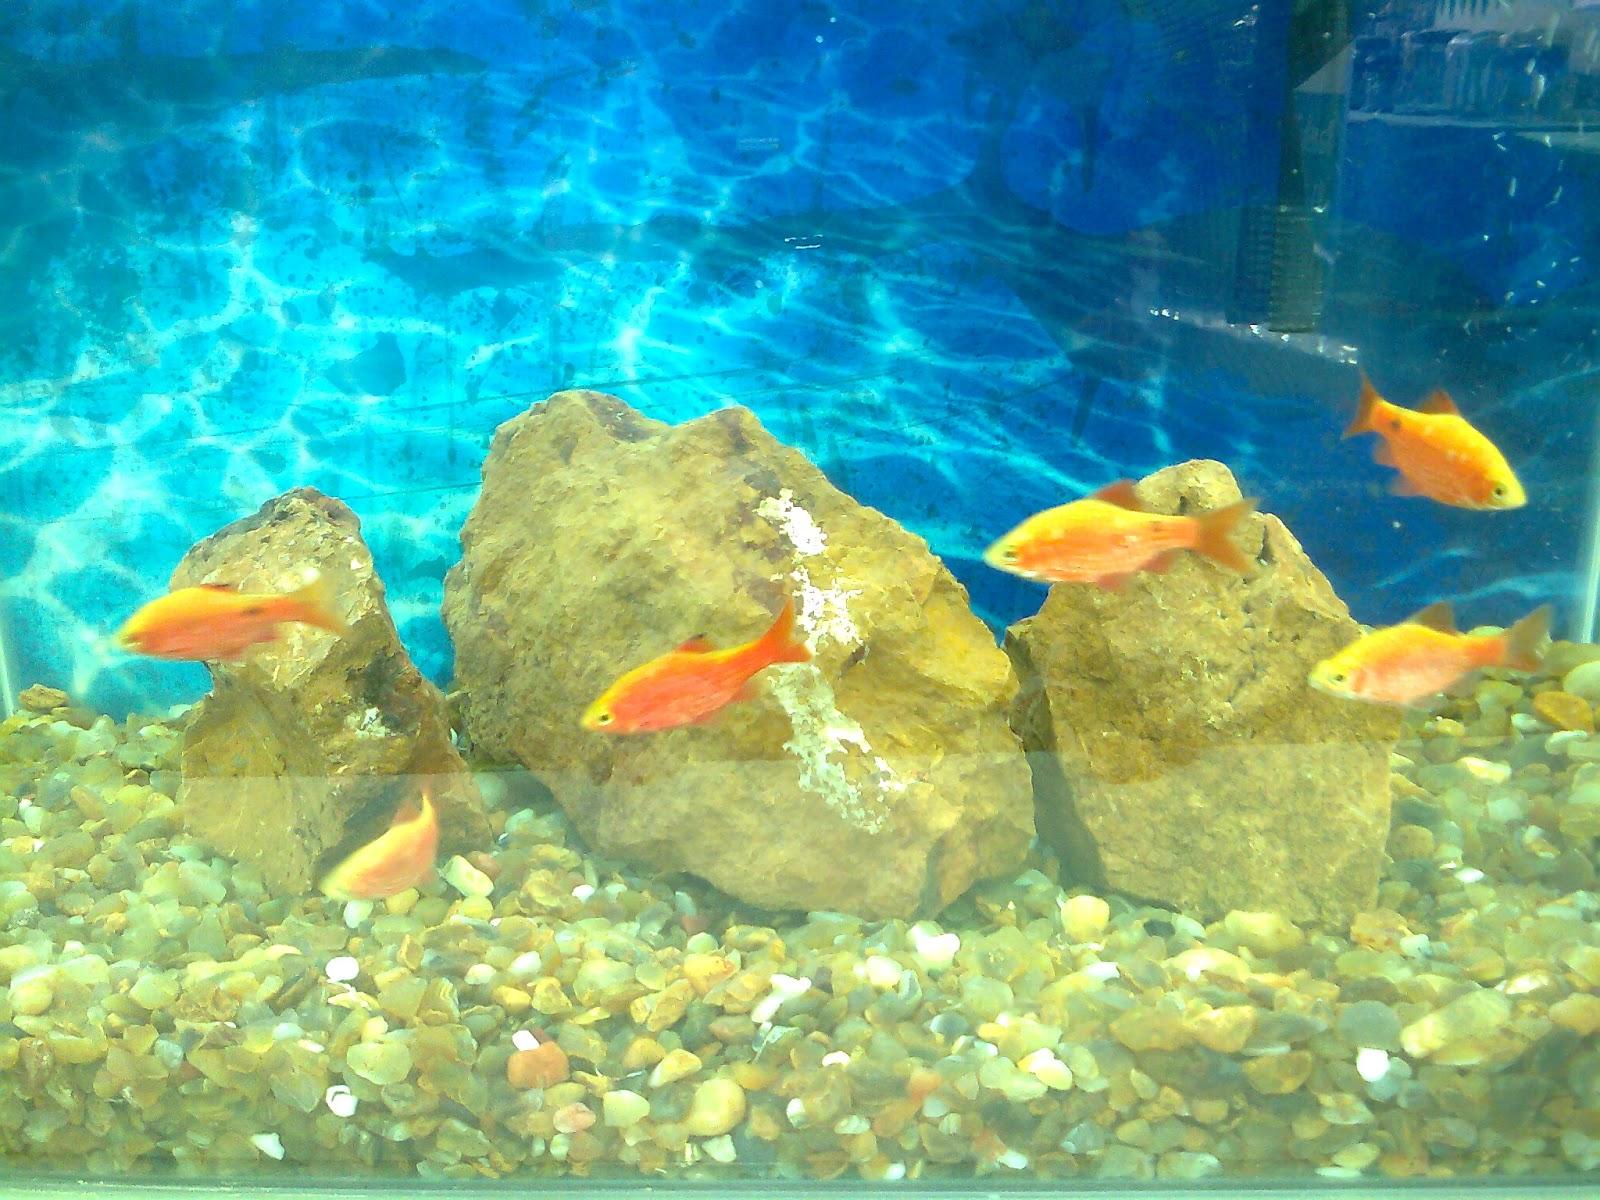 Fish for aquarium in bangalore - Aquarium Shop Bangalore